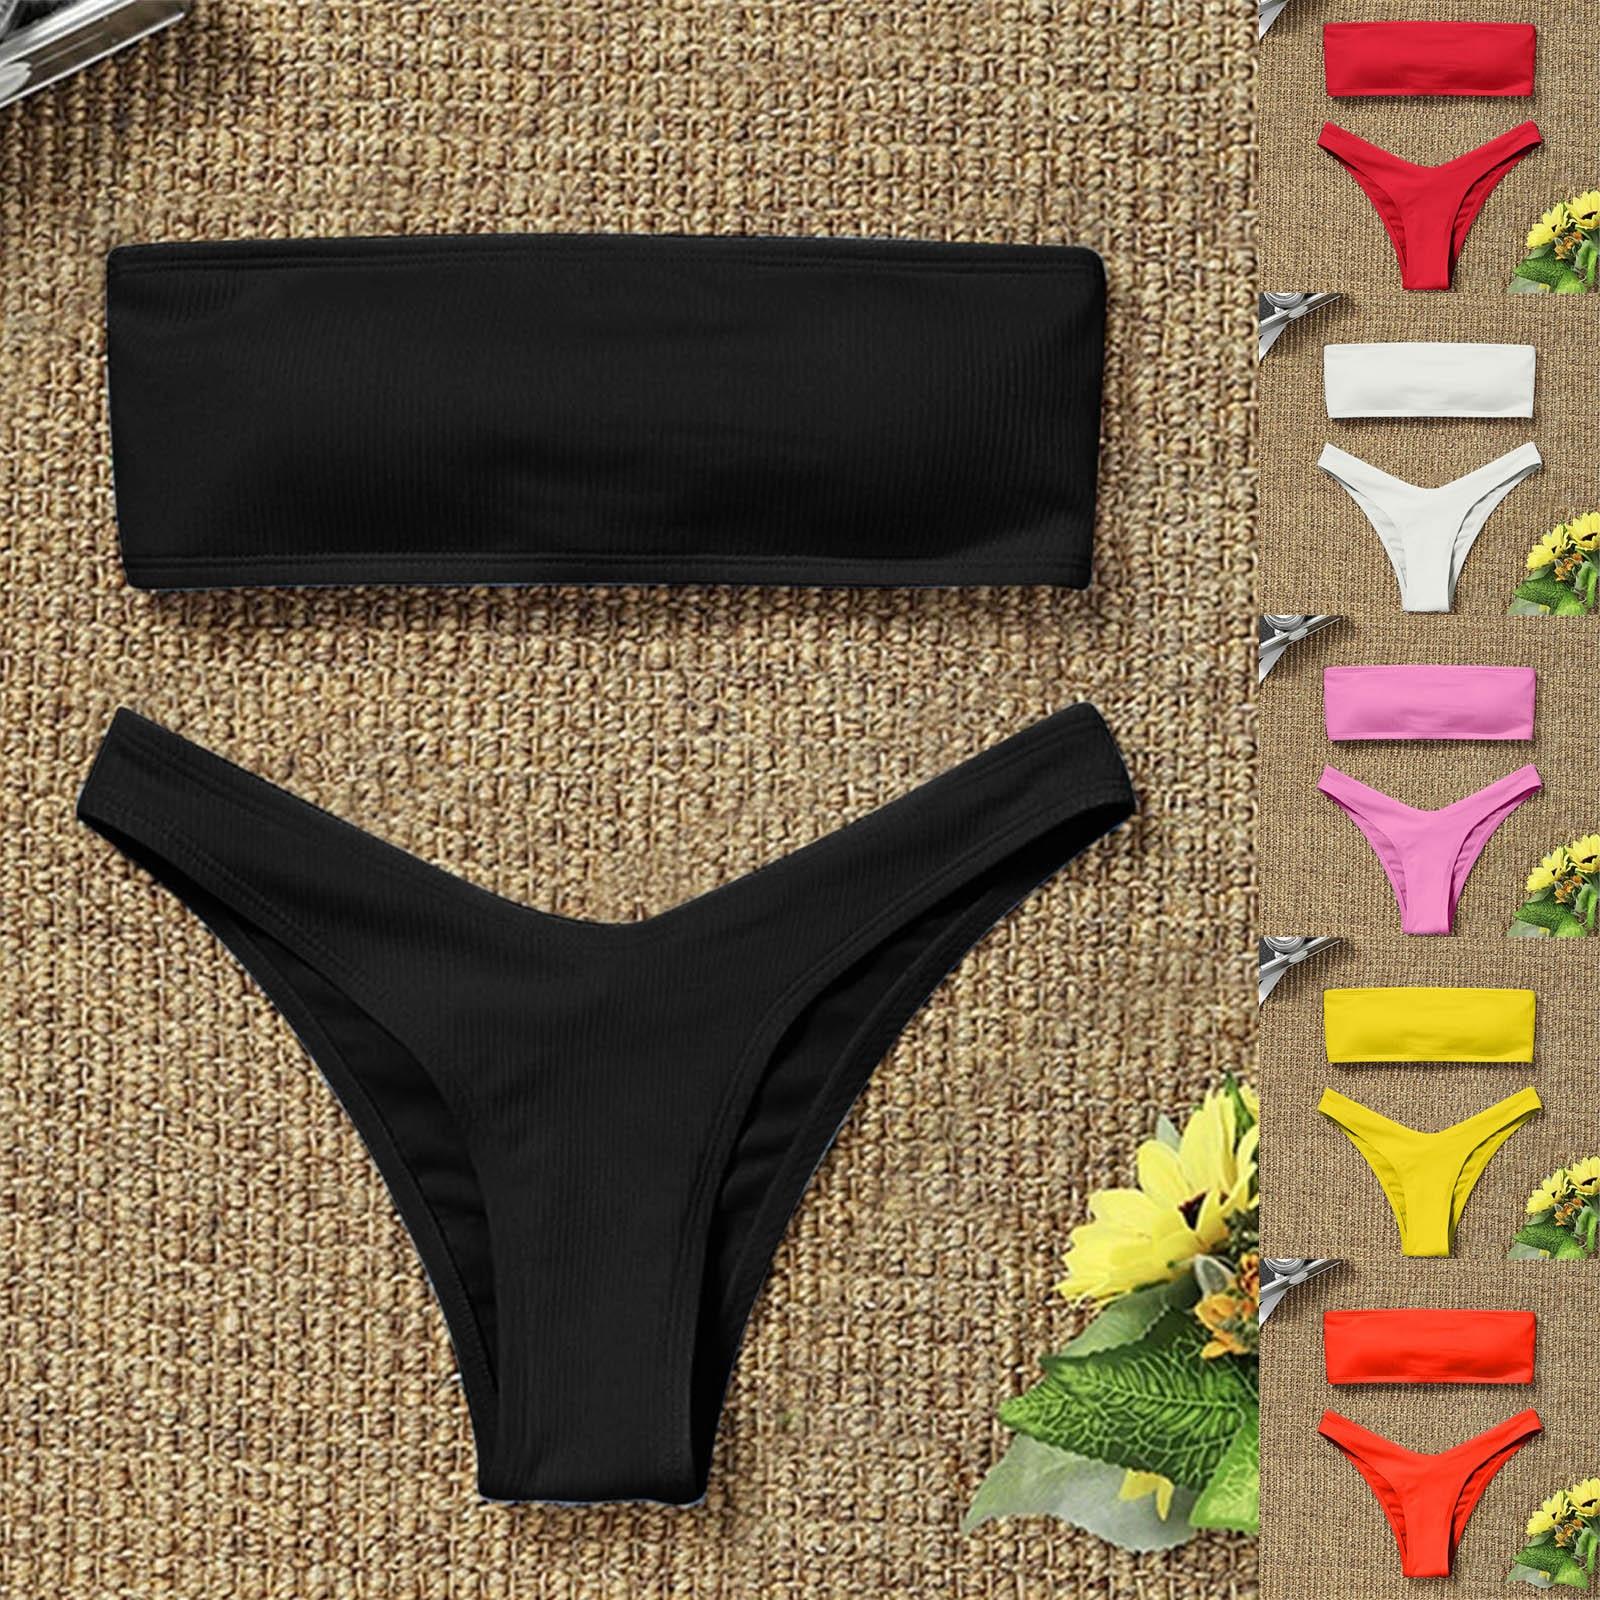 Женское бикини с завышенной талией, купальник из двух частей, купальник для девушек, пляжный купальный костюм, женский модный купальник, Исп...